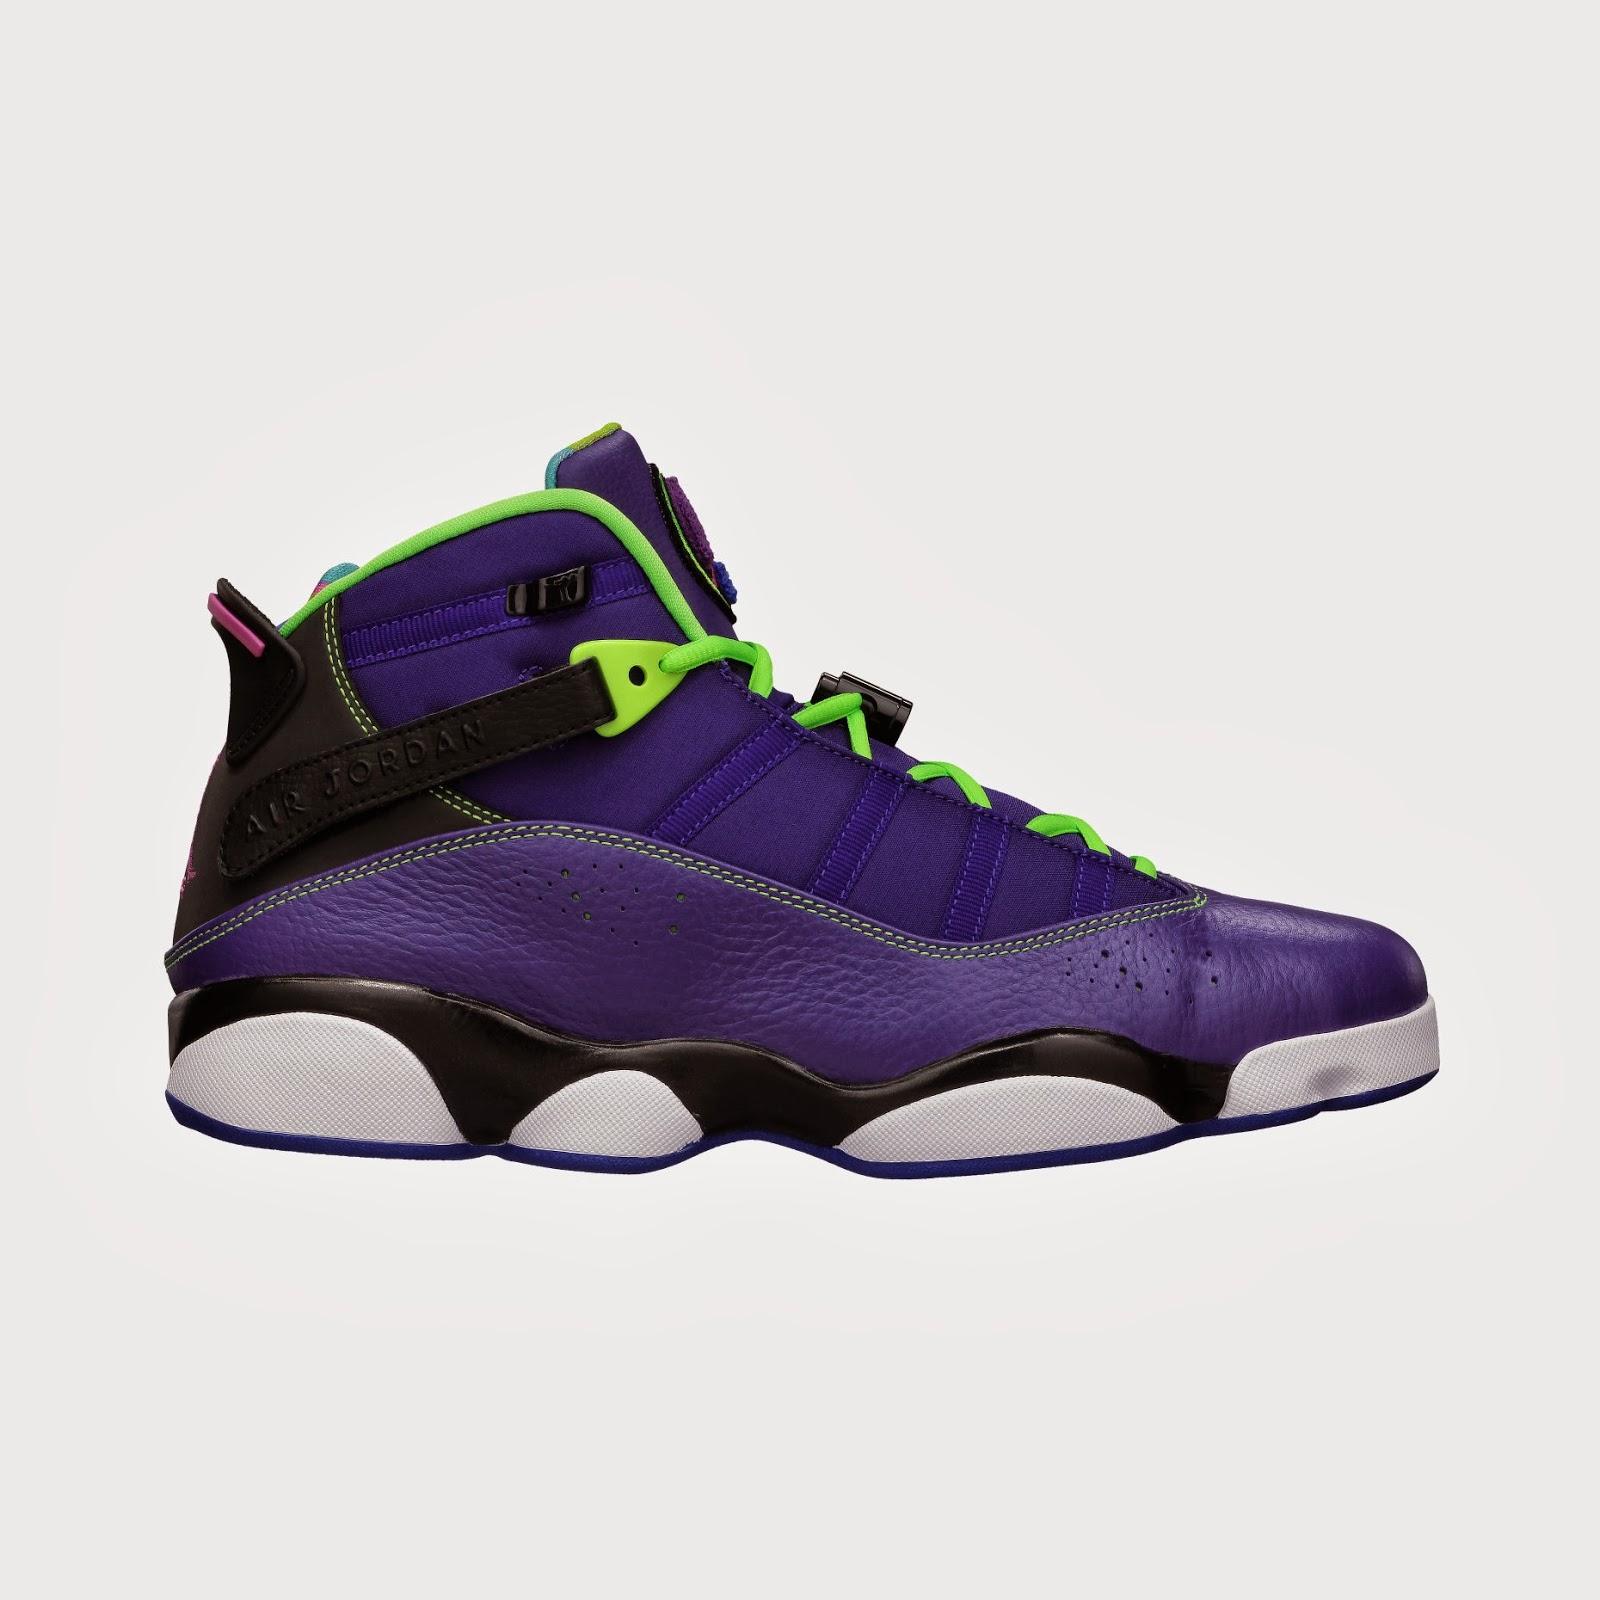 Nike Air Jordan Retro Basketball Shoes and Sandals ... Jordan 6 Rings